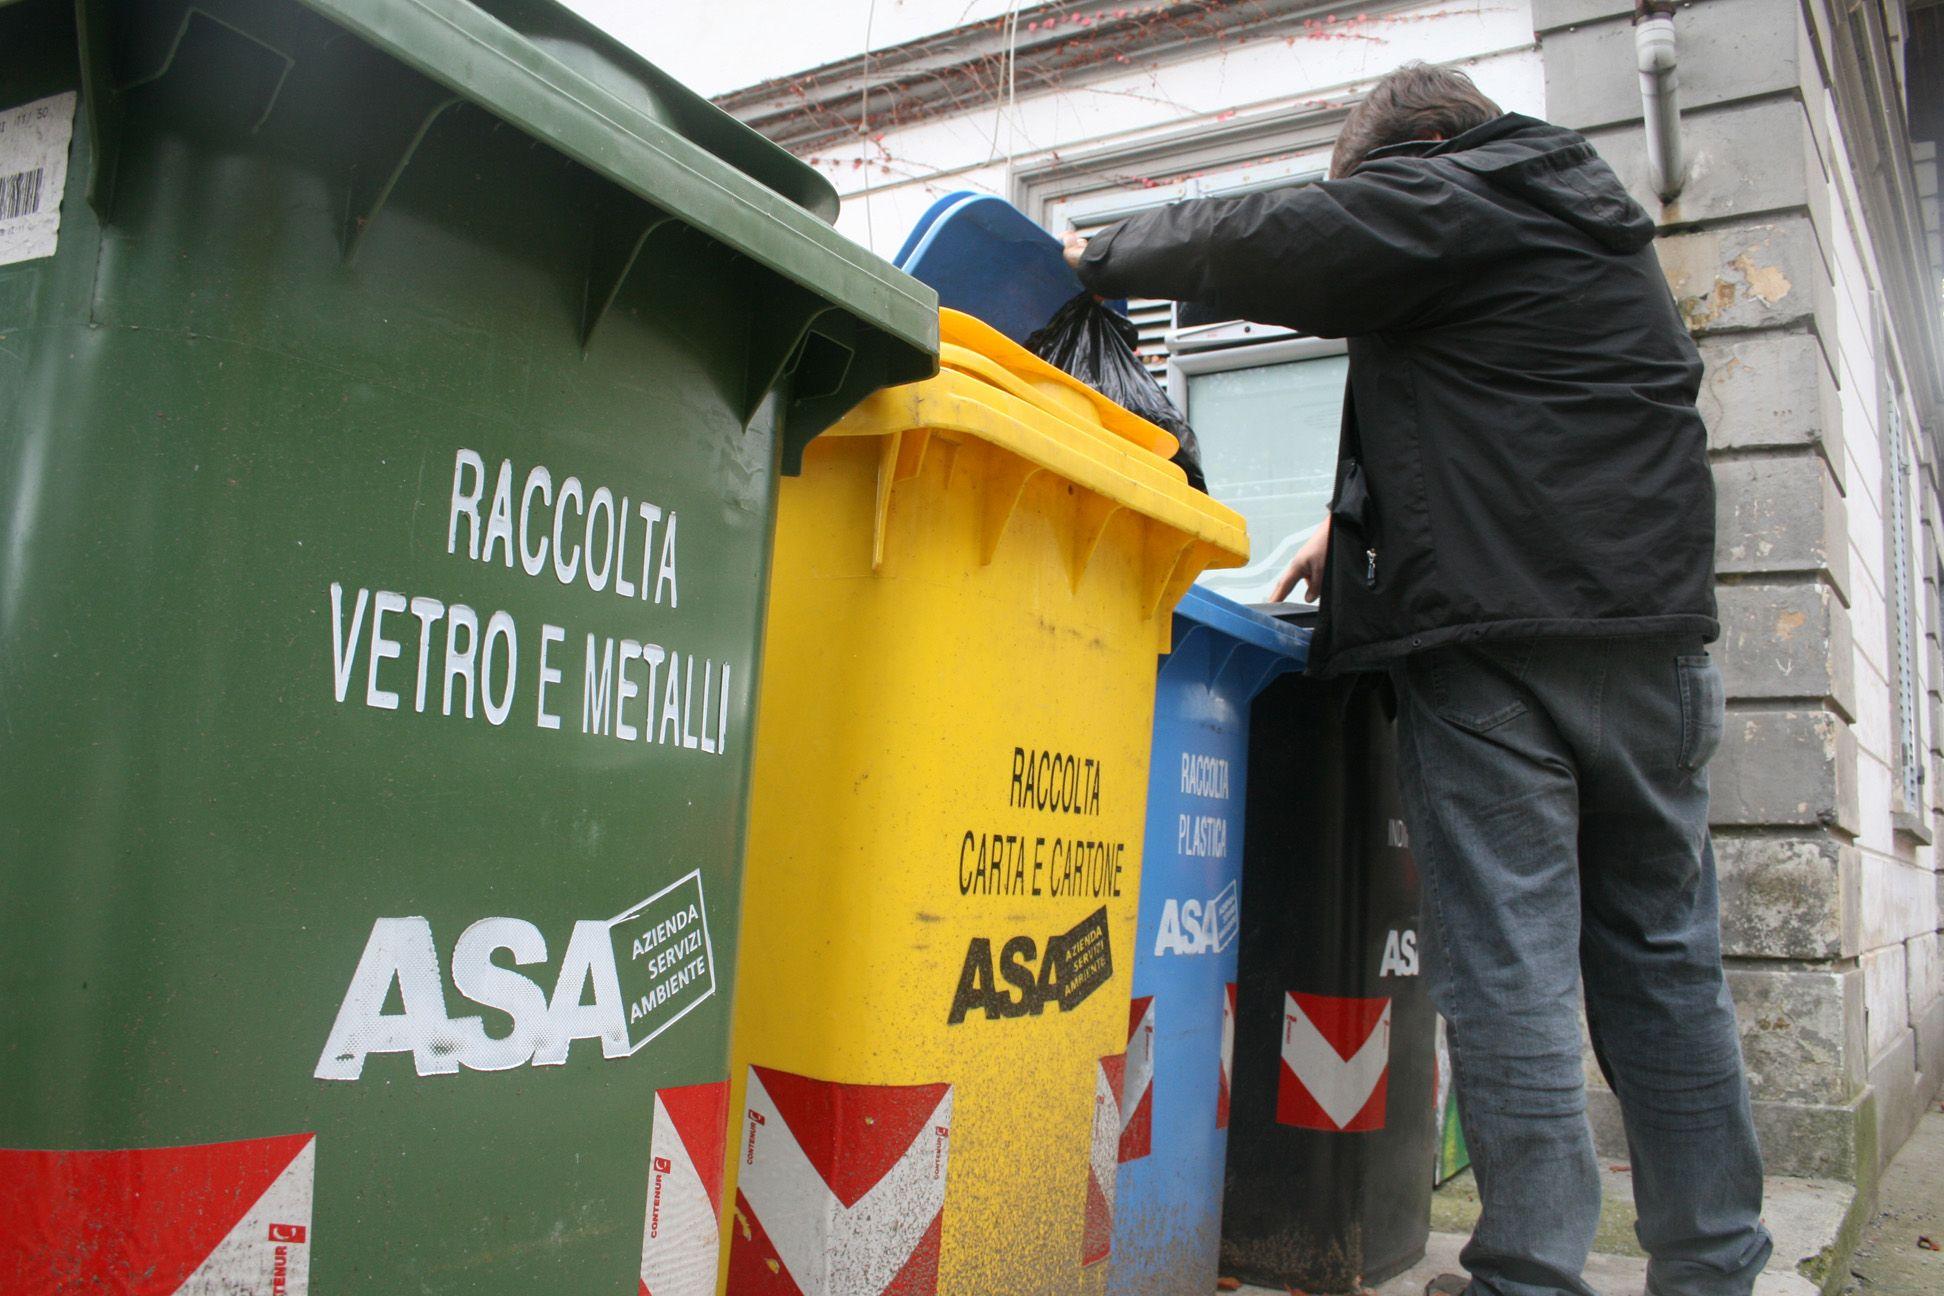 OZEGNA - Bartoli fa sul serio e annuncia l'addio a Teknoservice e Cca